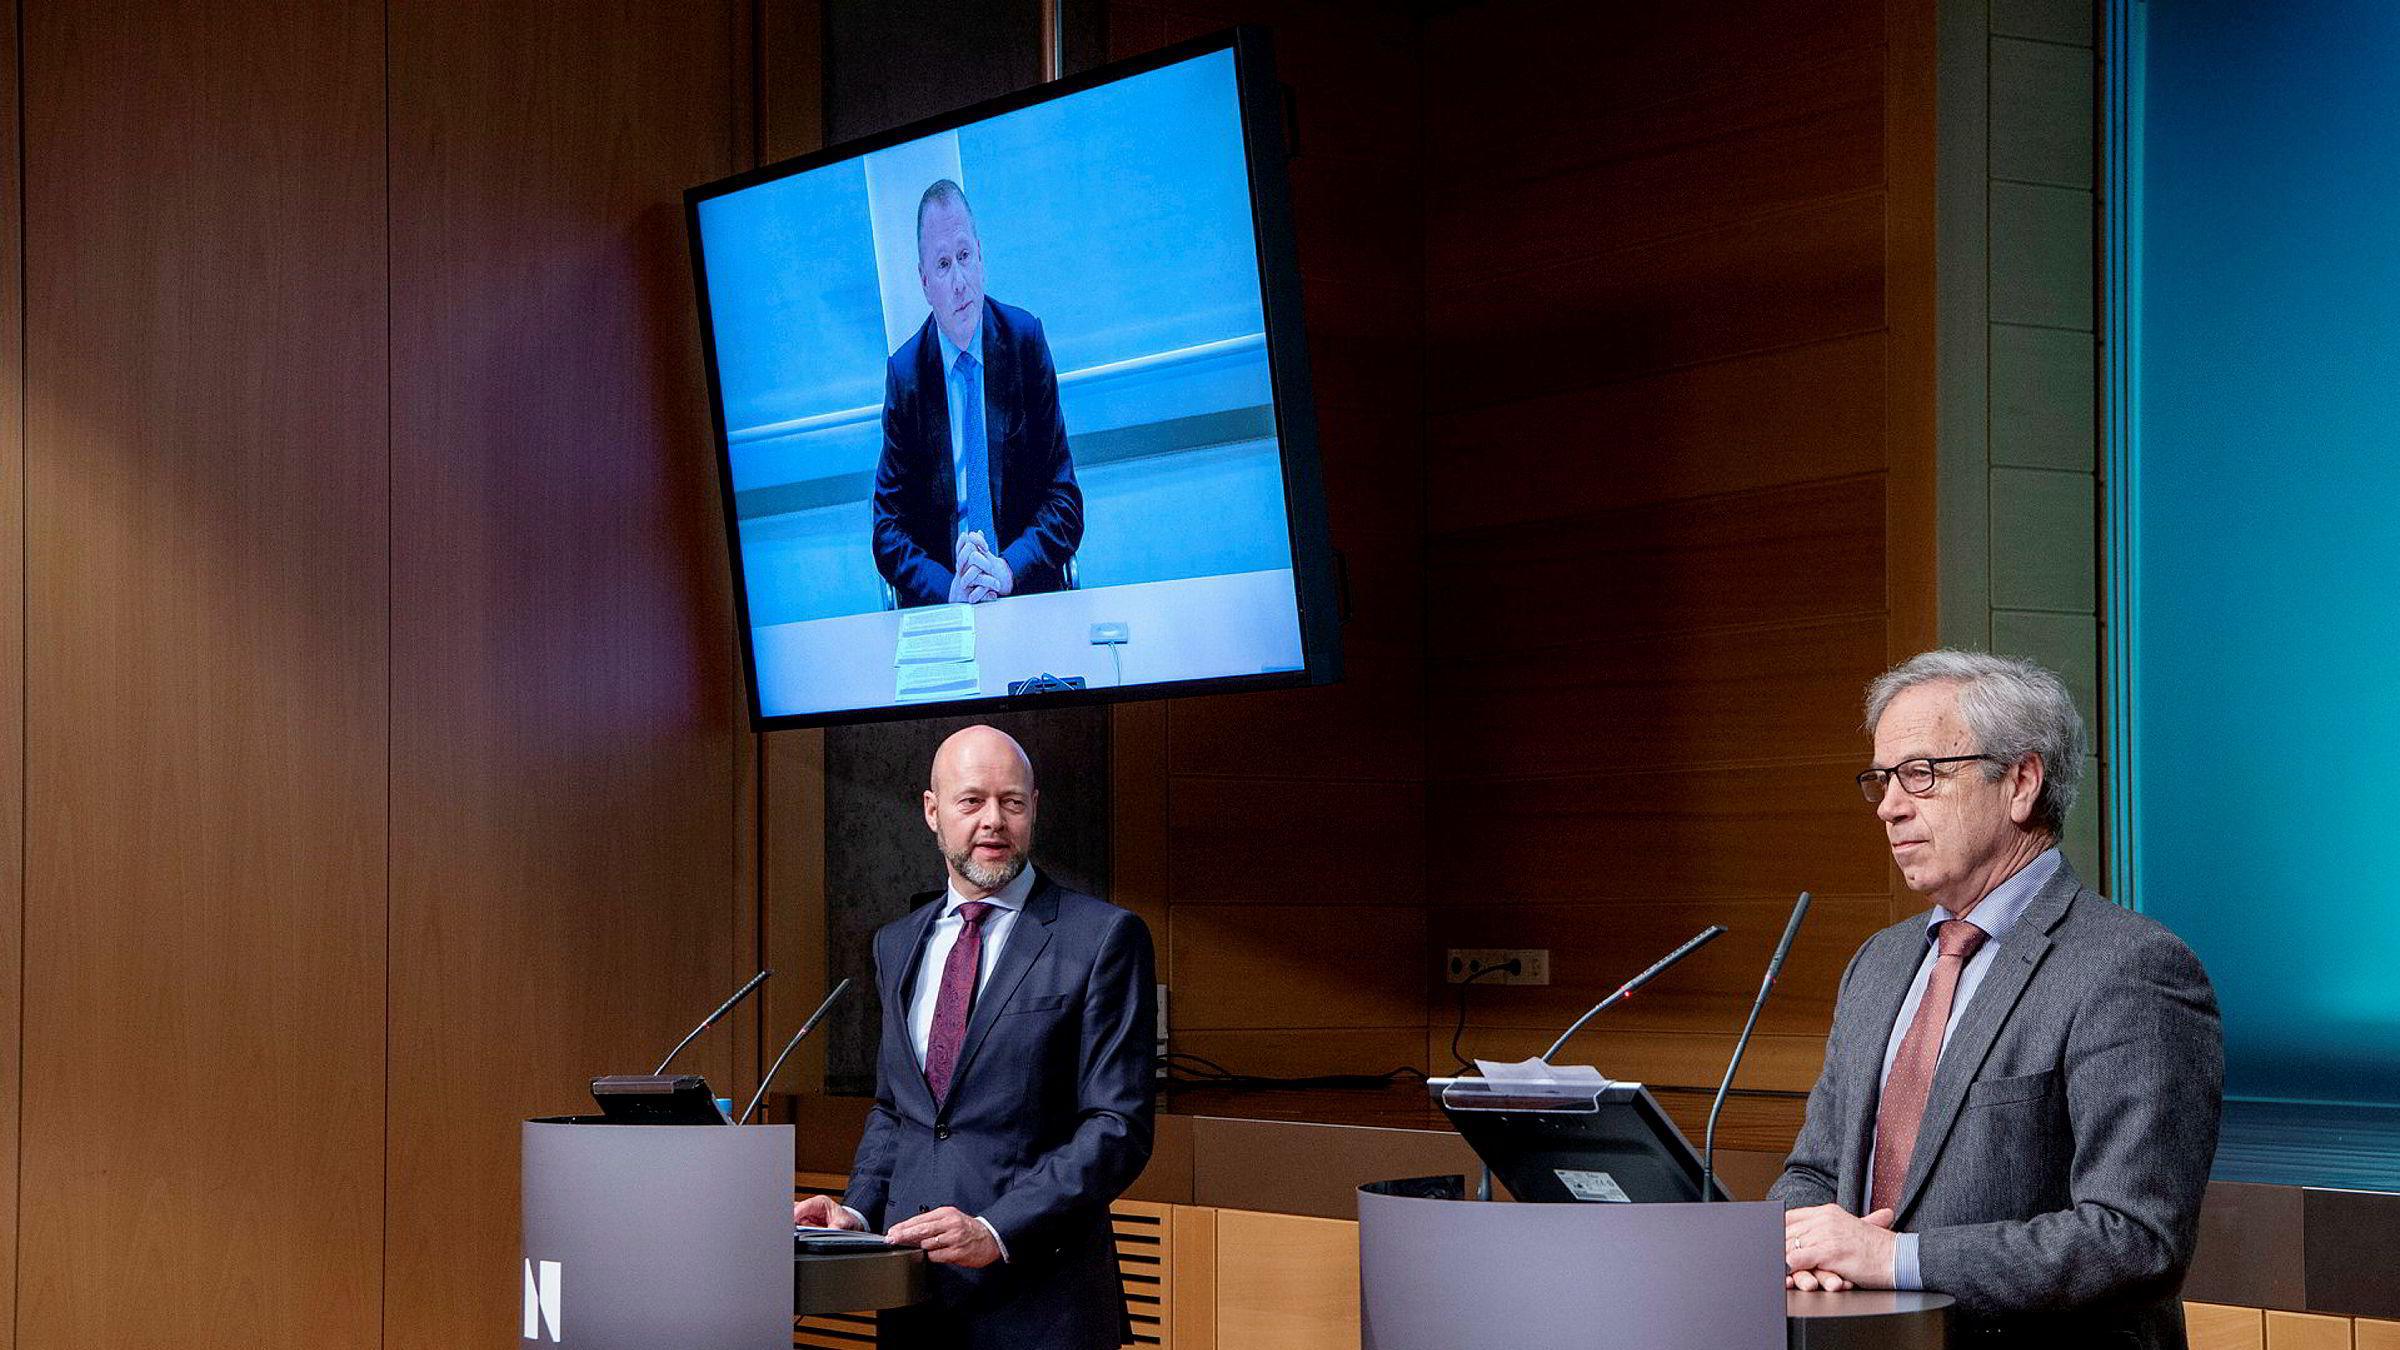 Nicolai Tangen (på skjermen) overtar når Yngve Slyngstad går av som sjef for Oljefondet. Sentralbanksjef Øystein Olsen (til høyre) er trygg på at Tangens private investeringer ikke er et problem.